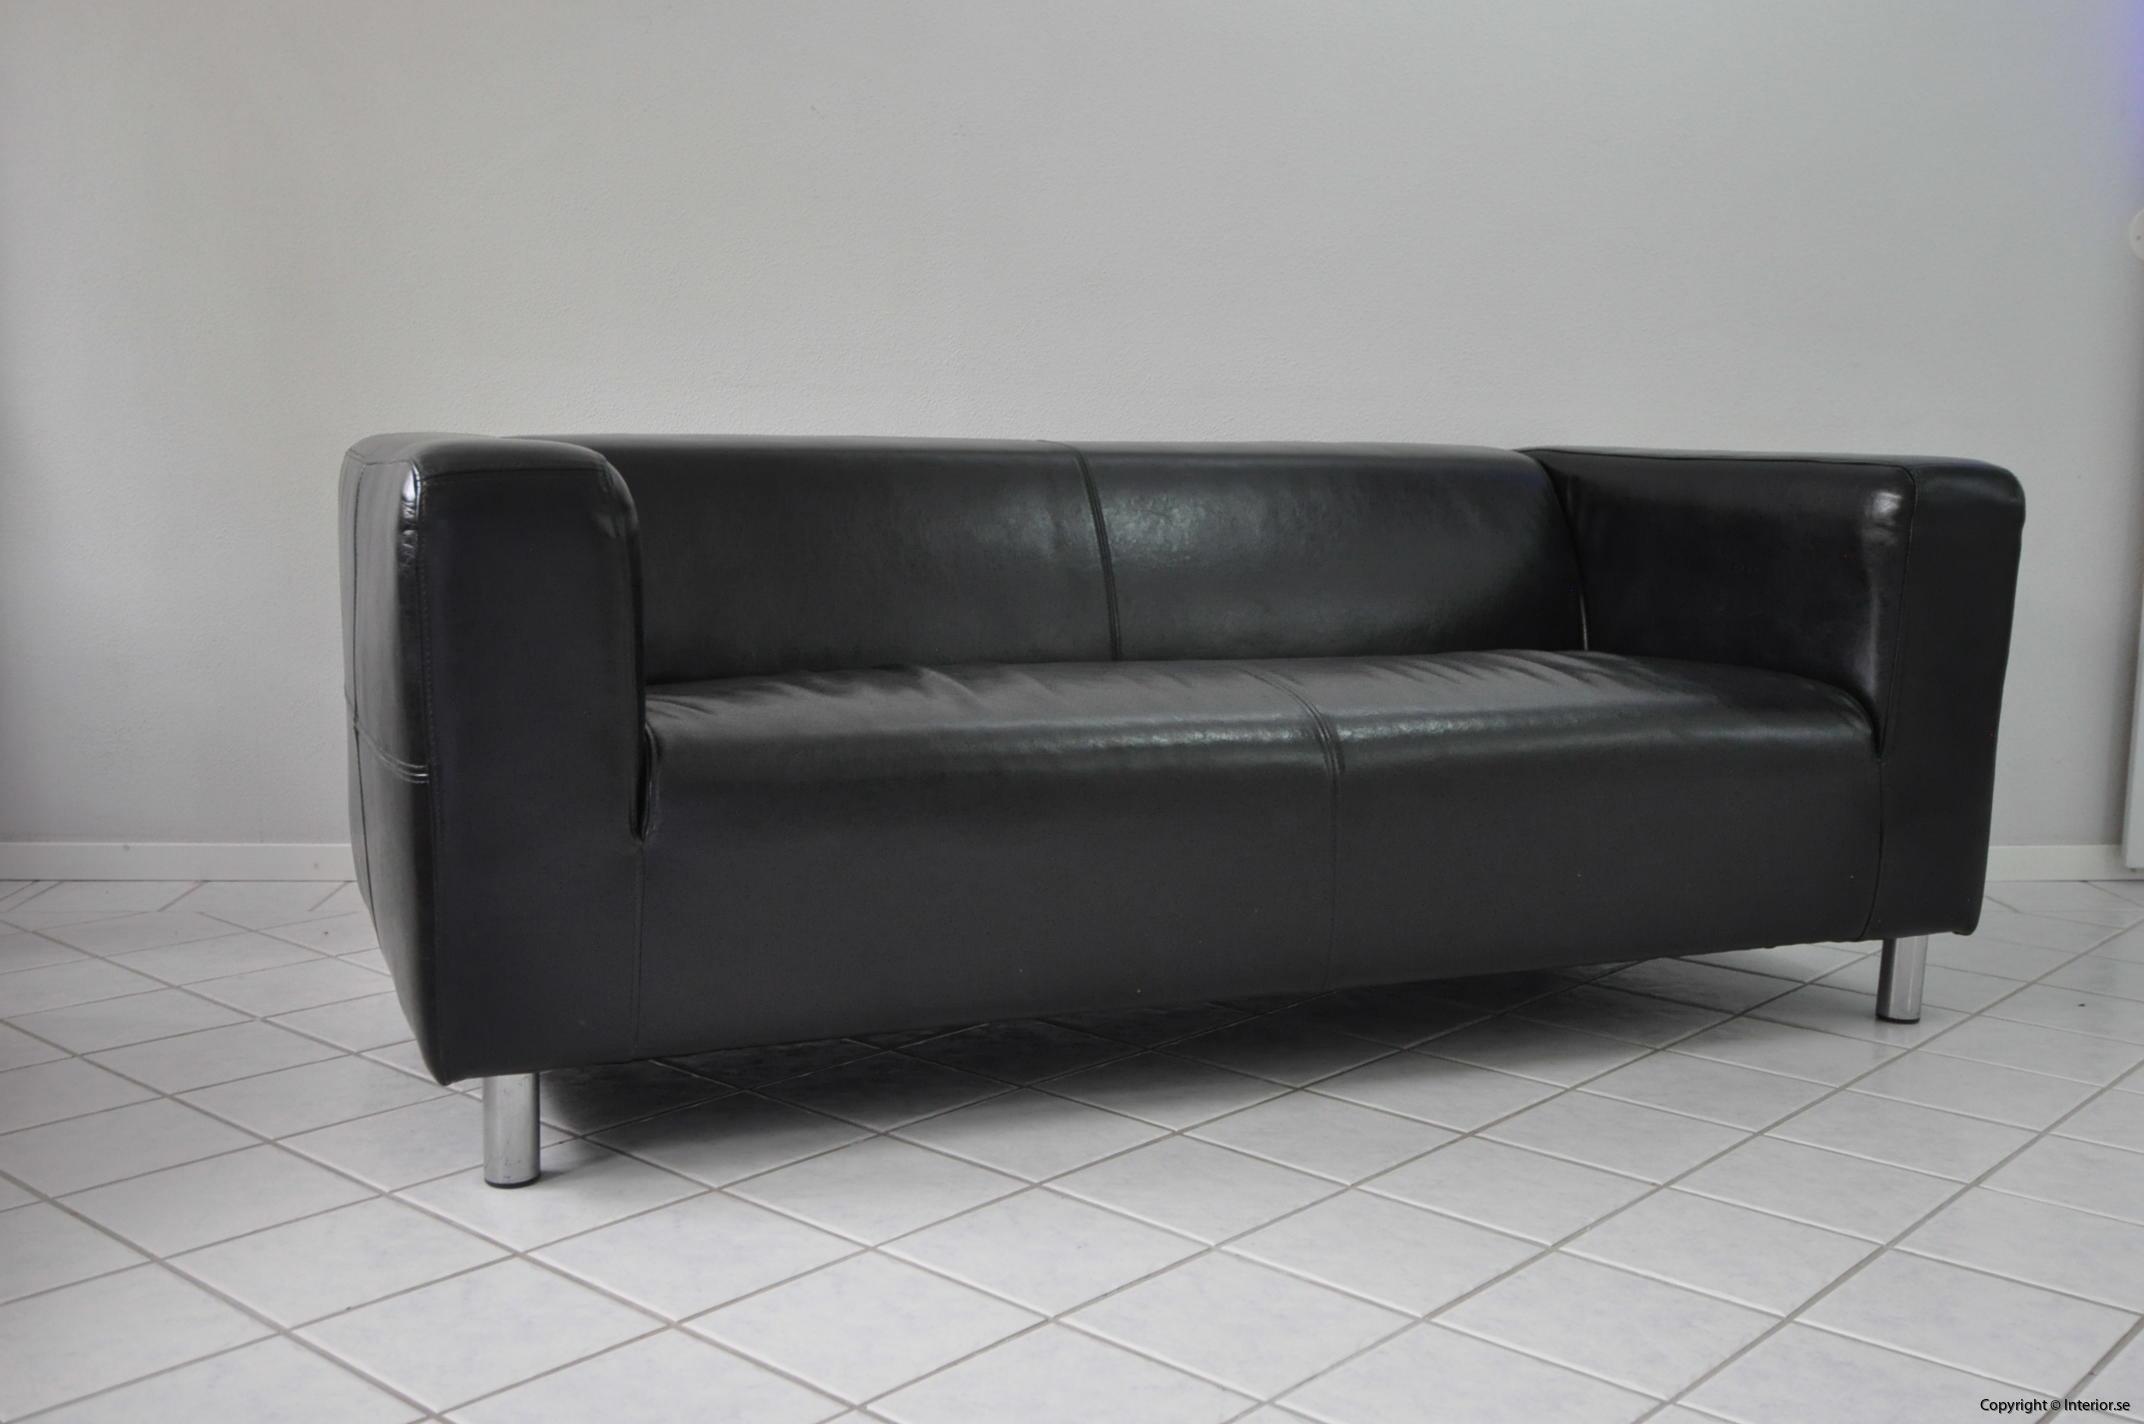 Soffa, IKEA Kramfors Svart skinn 2-sits (3)